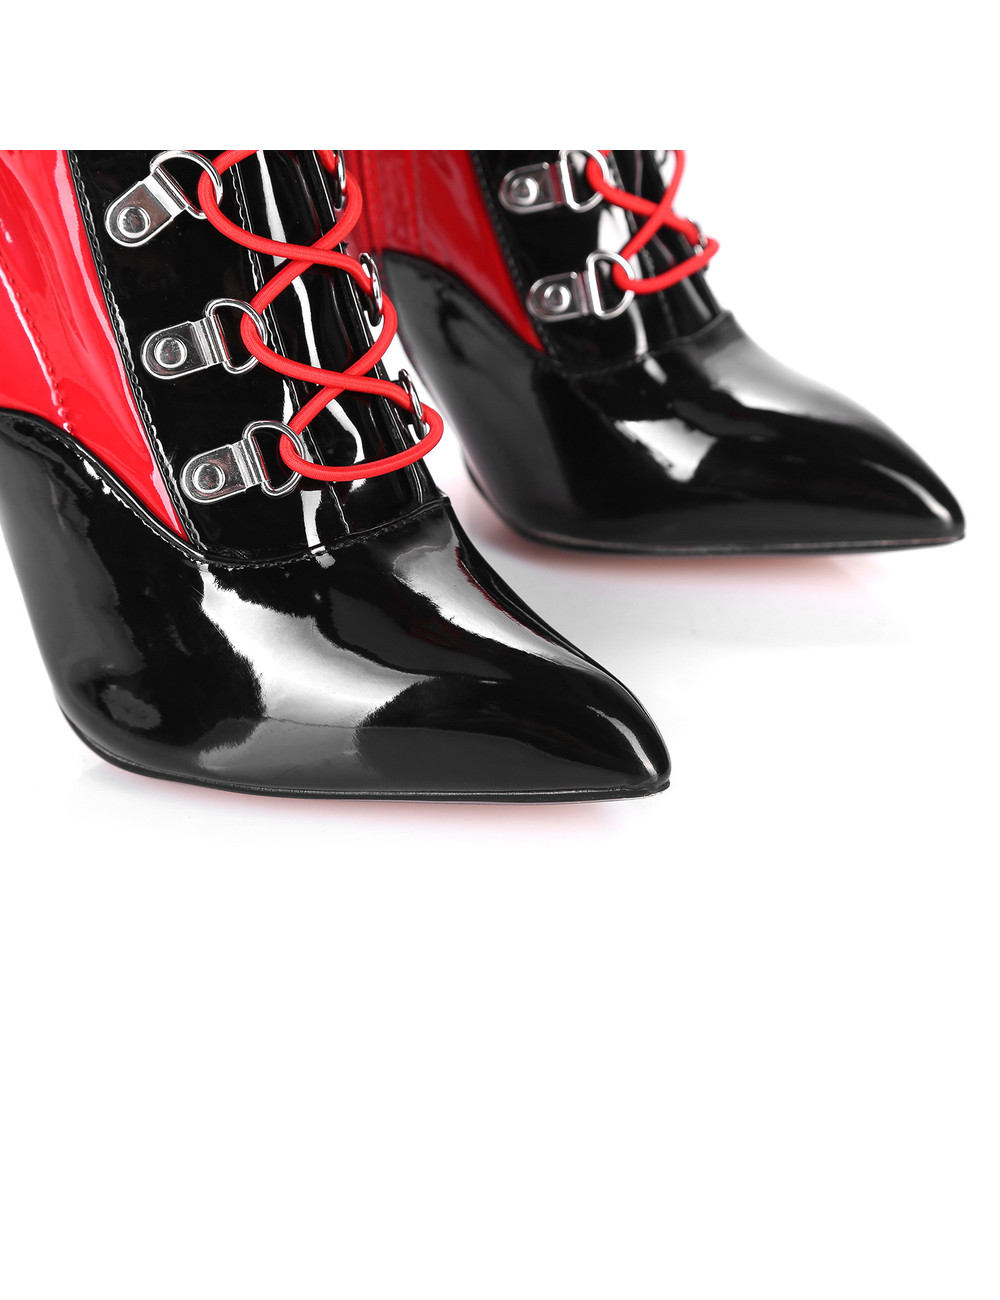 Giaro VERUSKA lange, geschnürte, oberschenkelhohe Stiefel mit hohen Absätzen, ROT-SCHWARZ